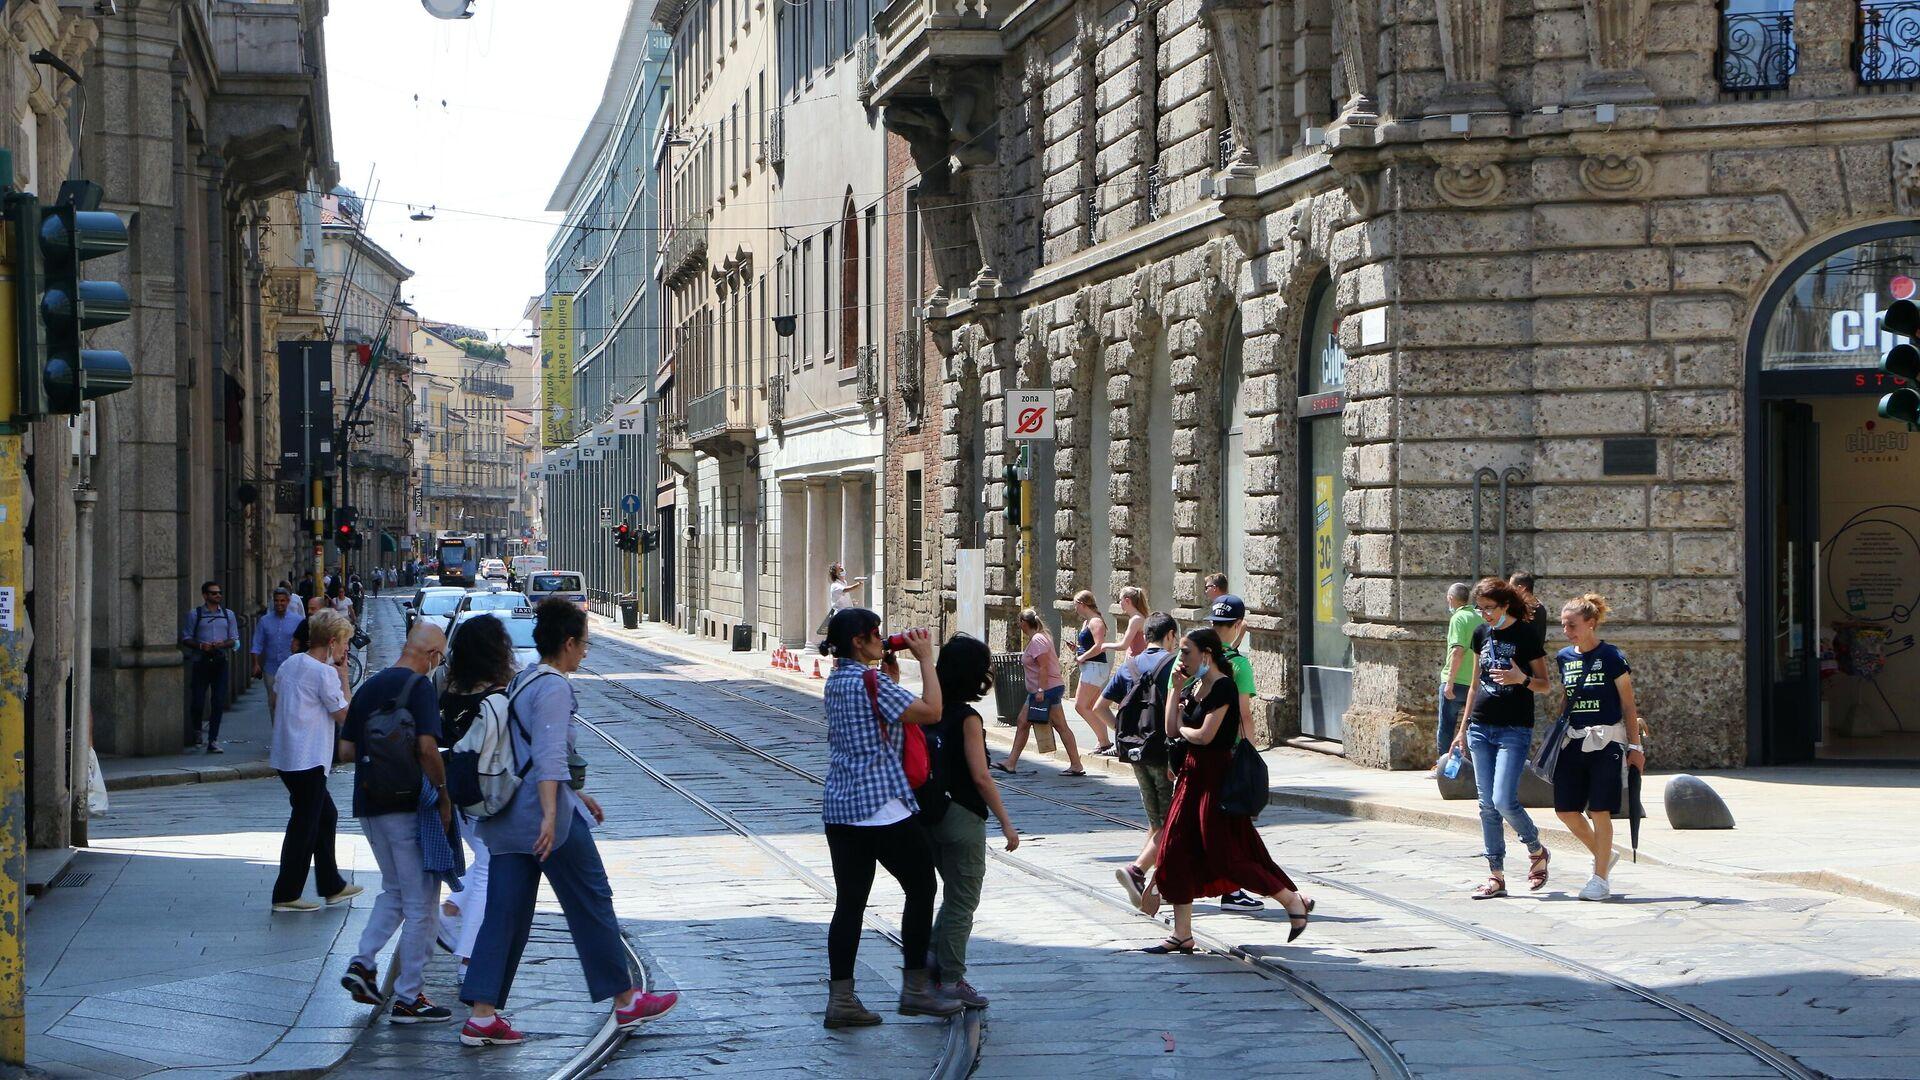 Le persone vanno al lavoro - Sputnik Italia, 1920, 19.07.2021